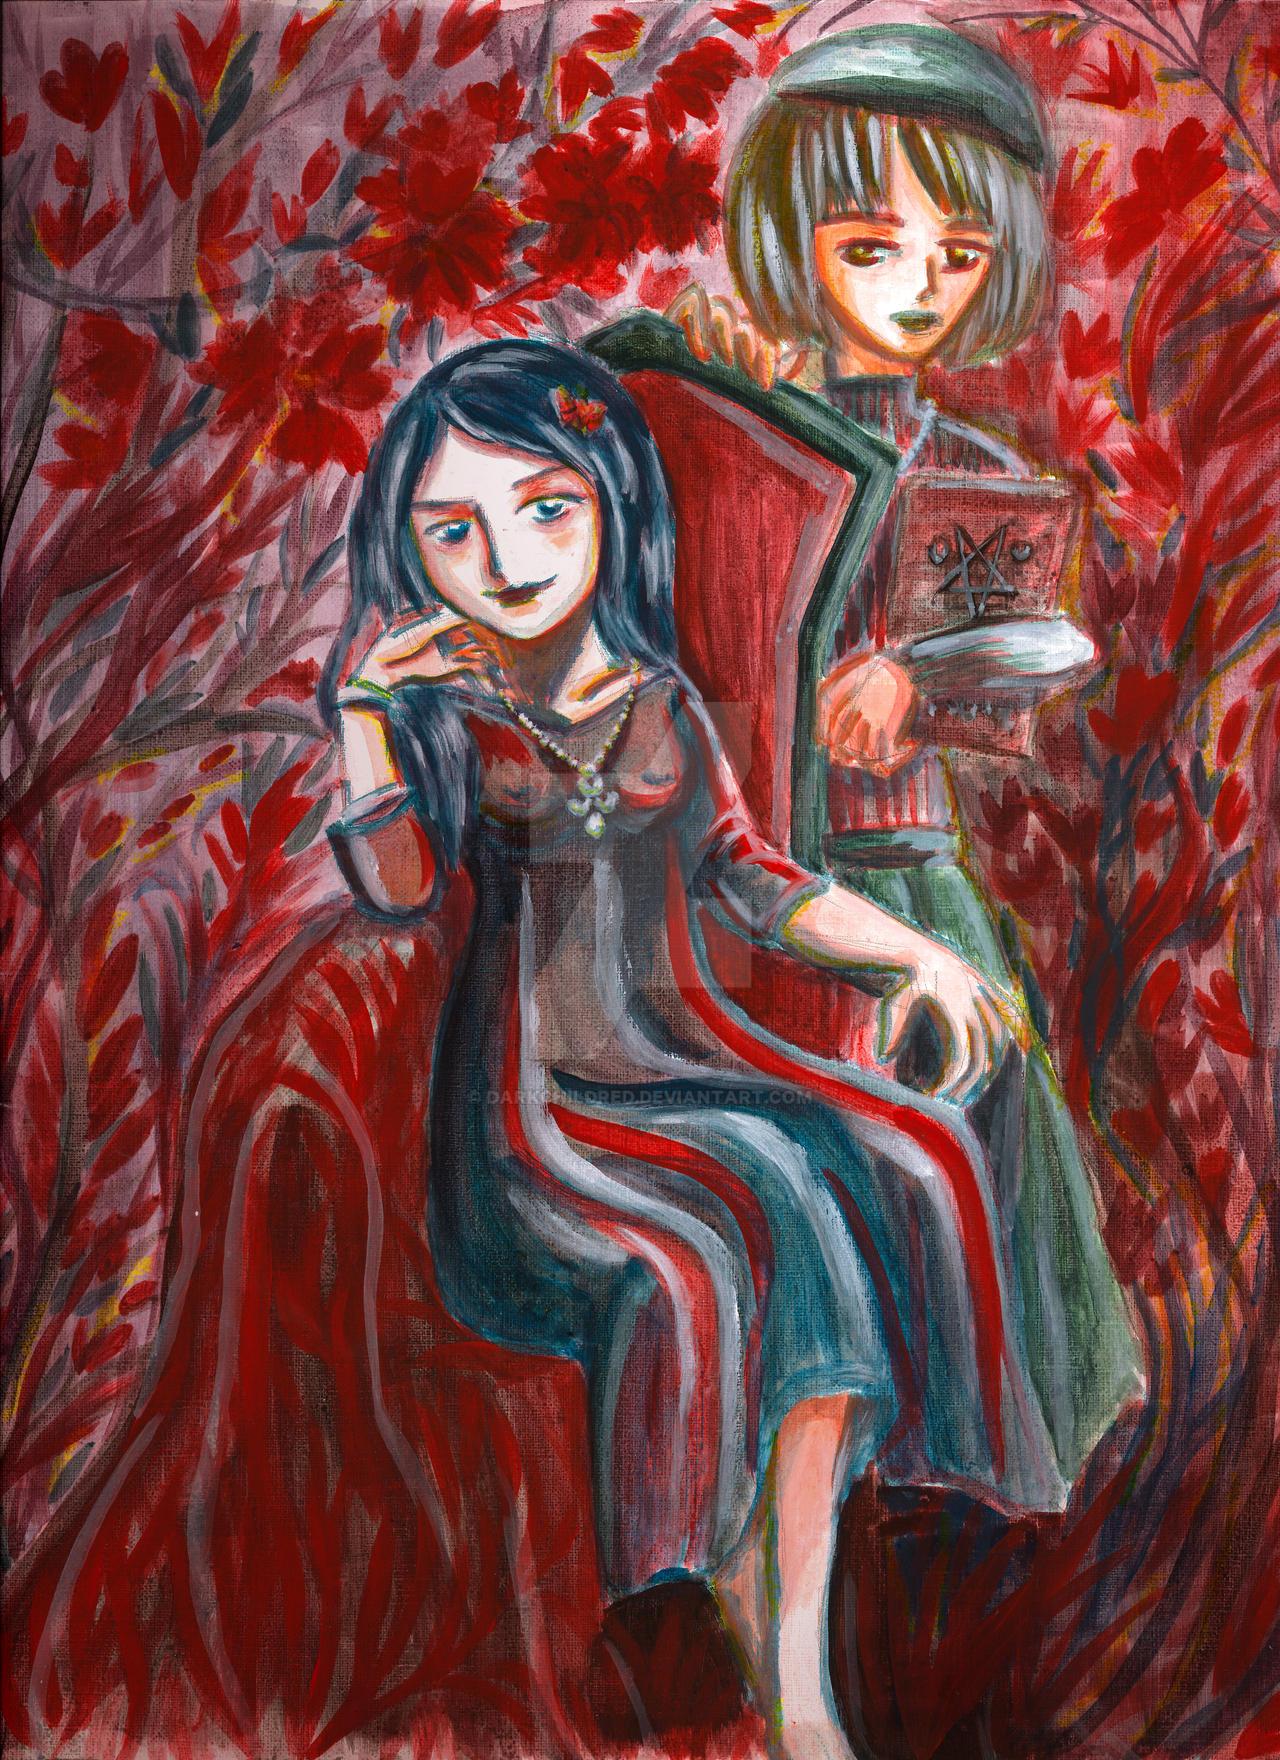 Suspiria Movie Remake Inspired Painting Witches By Darkchildred On Deviantart